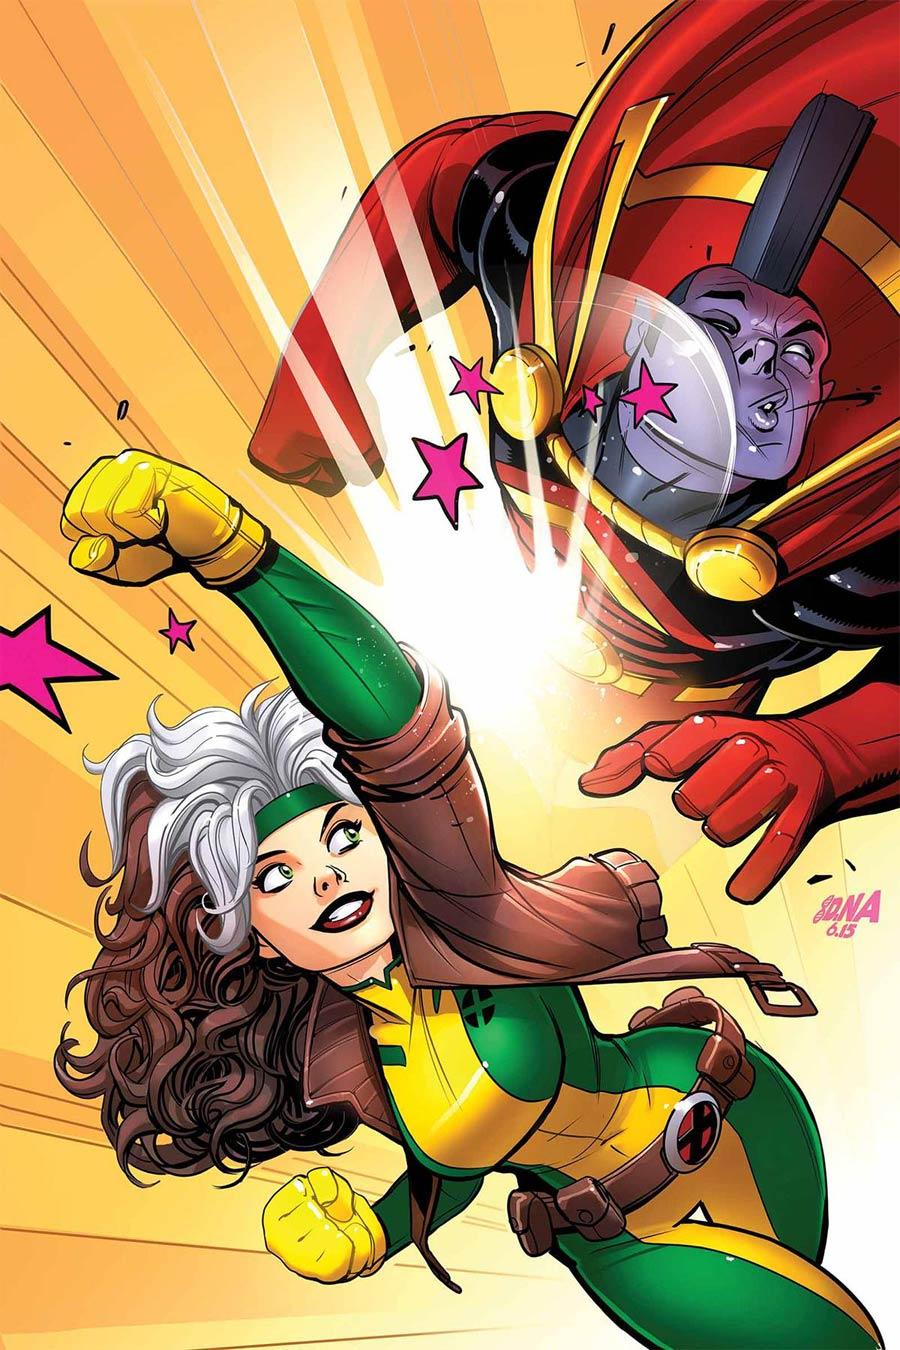 X-Men 92 Vol 2 #8